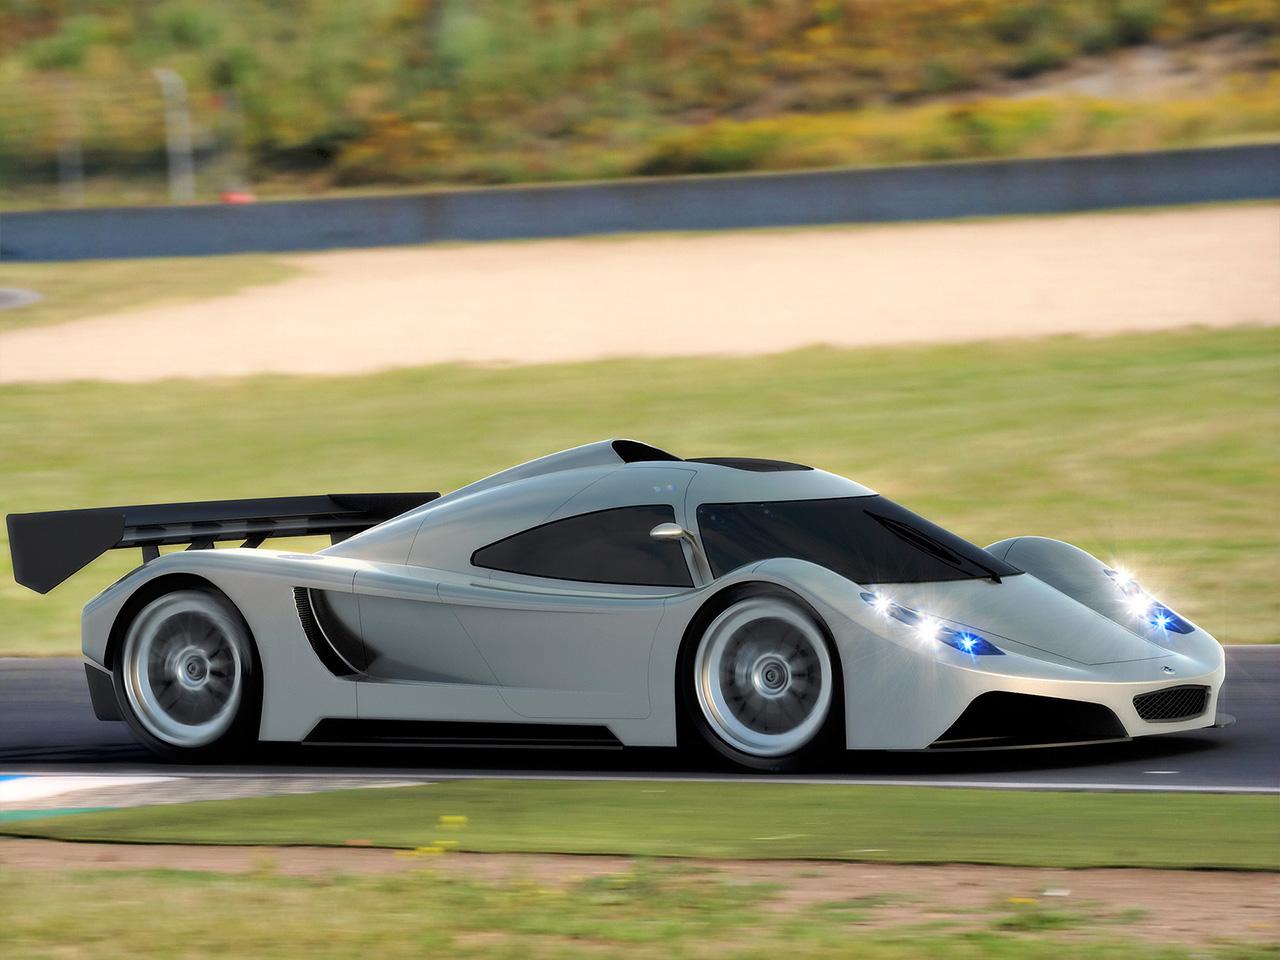 Fc036CX... Nuova speranza per la divisione RAVAGE!!! 2005-I2B-Concept-Project-Raven-Le-Mans-Prototype-Side-Angle-Speed-1280x960